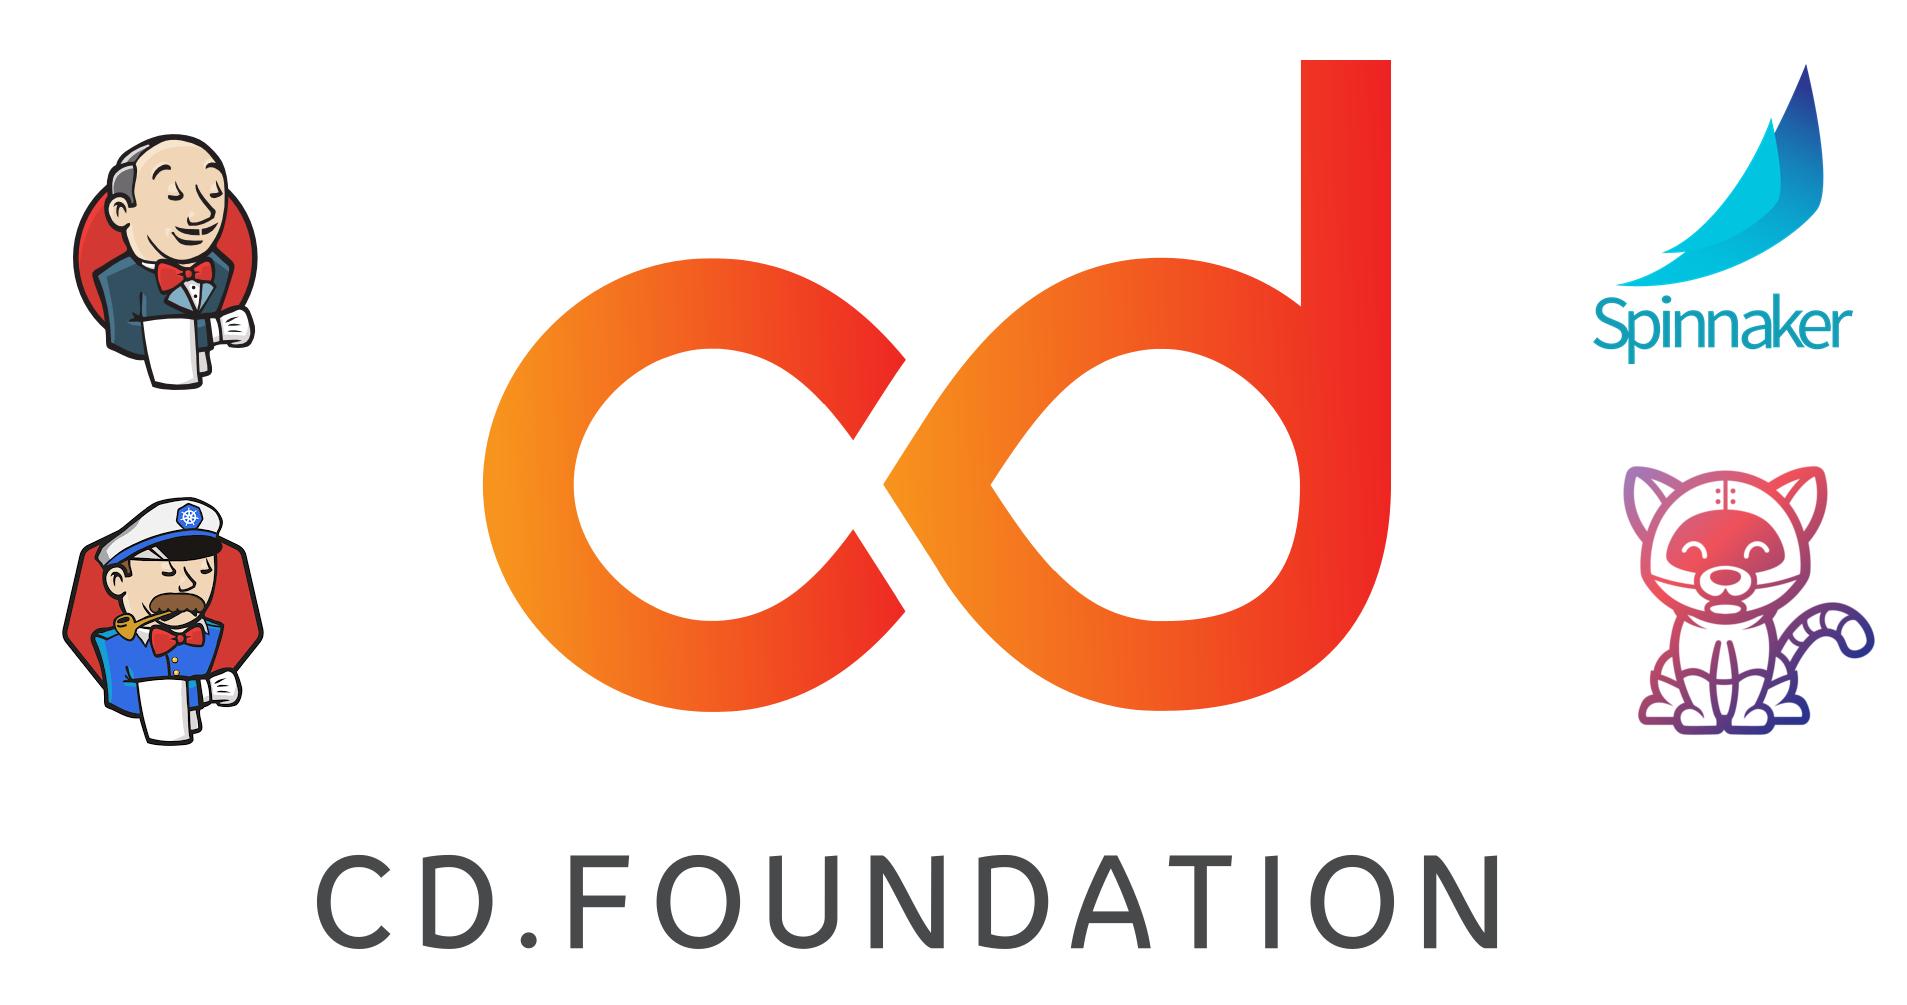 Новый фонд для DevOps-проектов от Linux Foundation начался с Jenkins и Spinnaker - 1